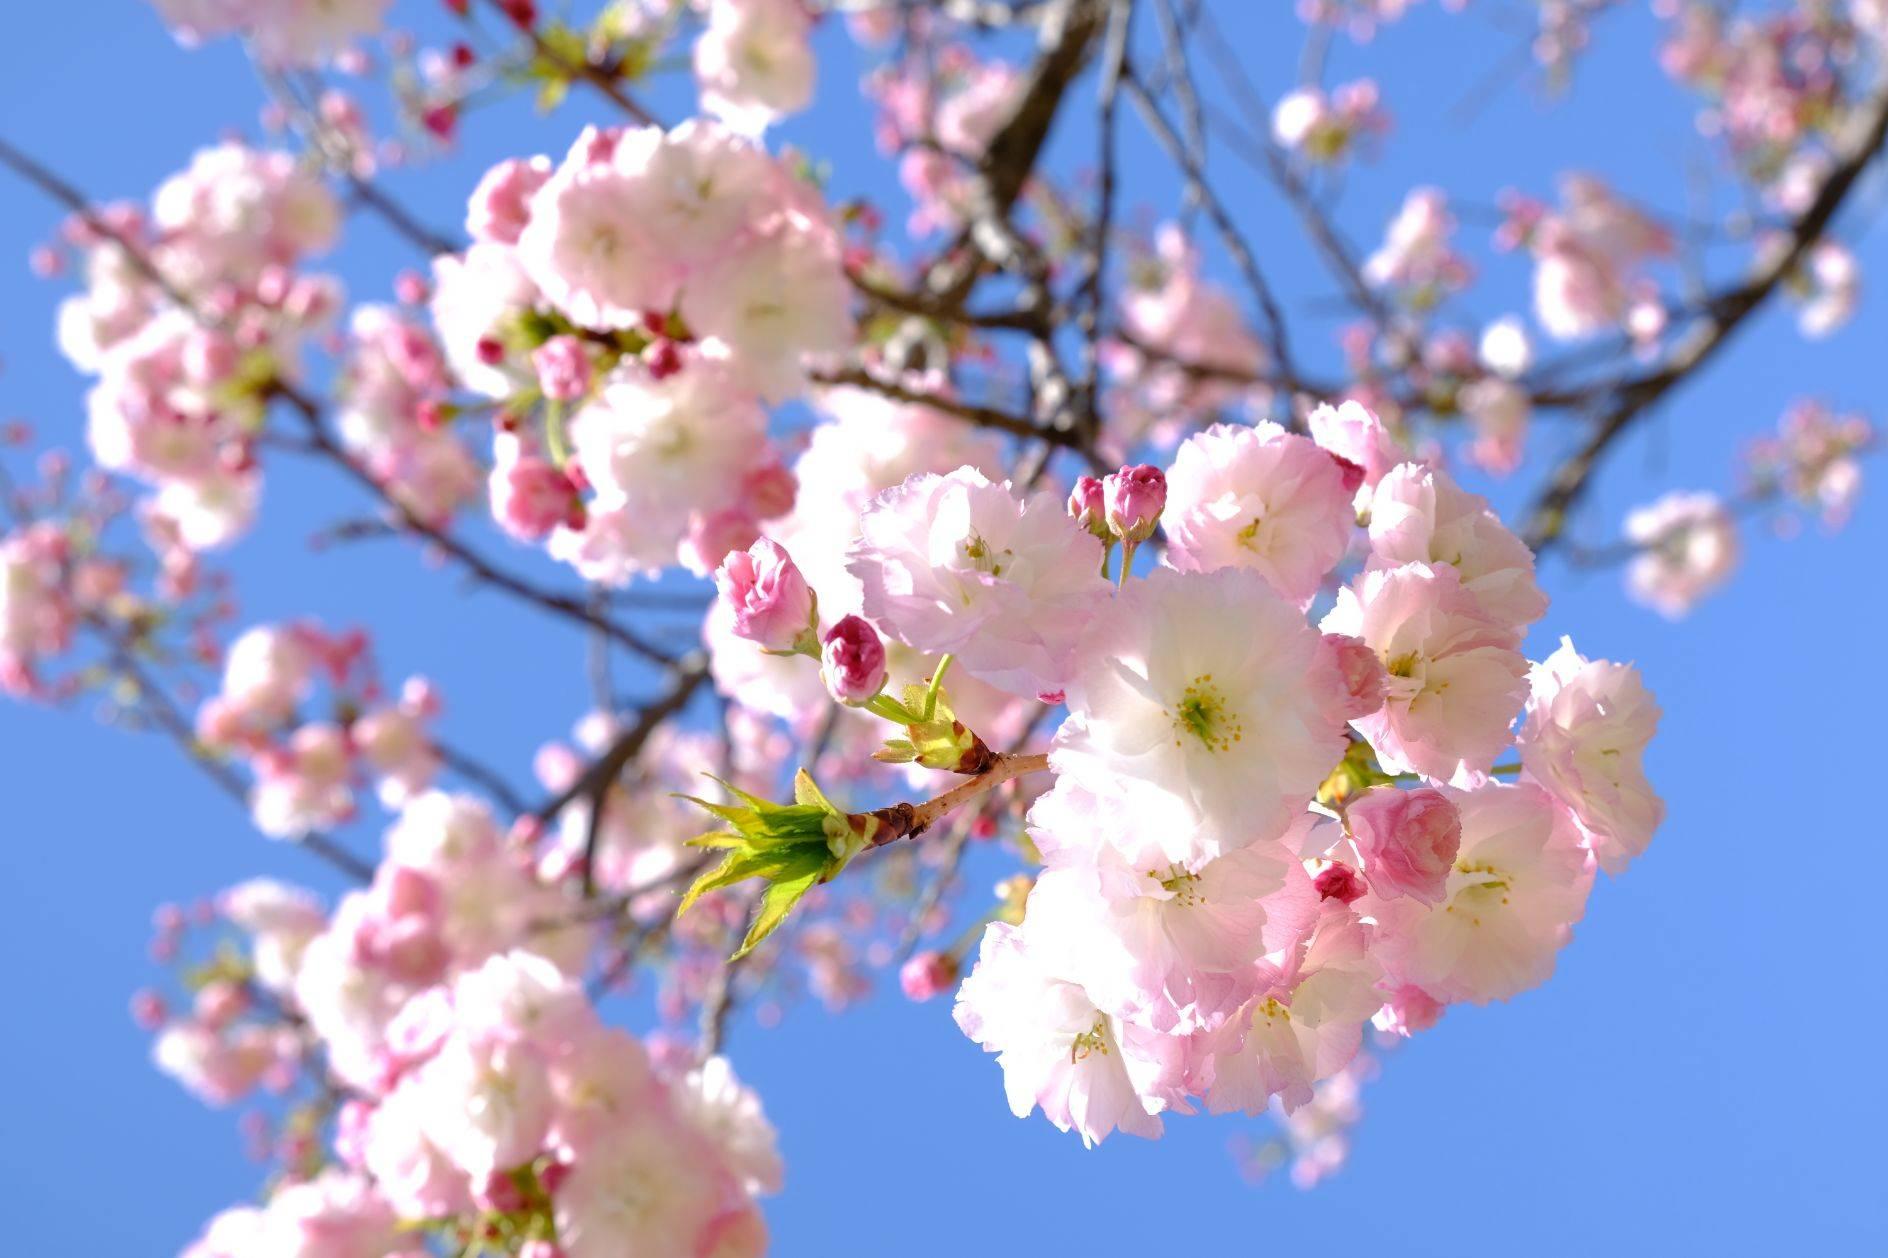 peach blossom Bild Ihres Kunstwerks an der Wand